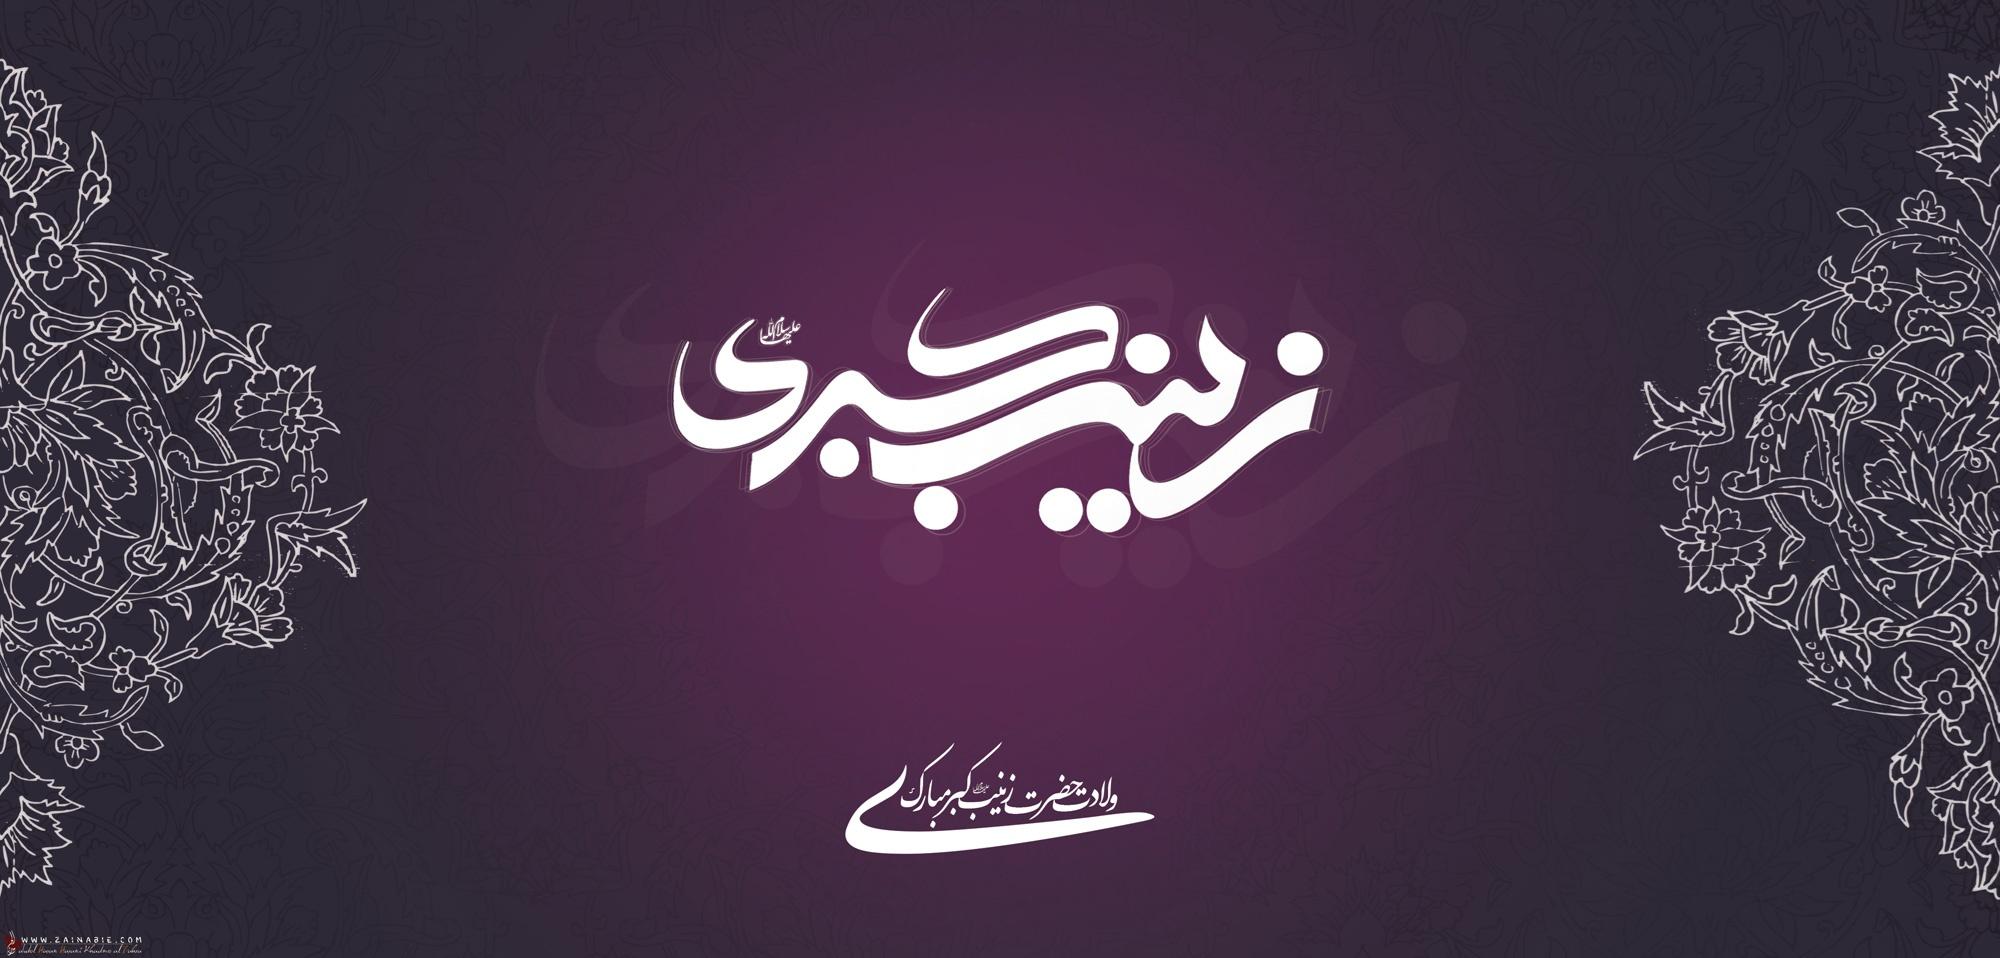 Hazrat-Zeinab